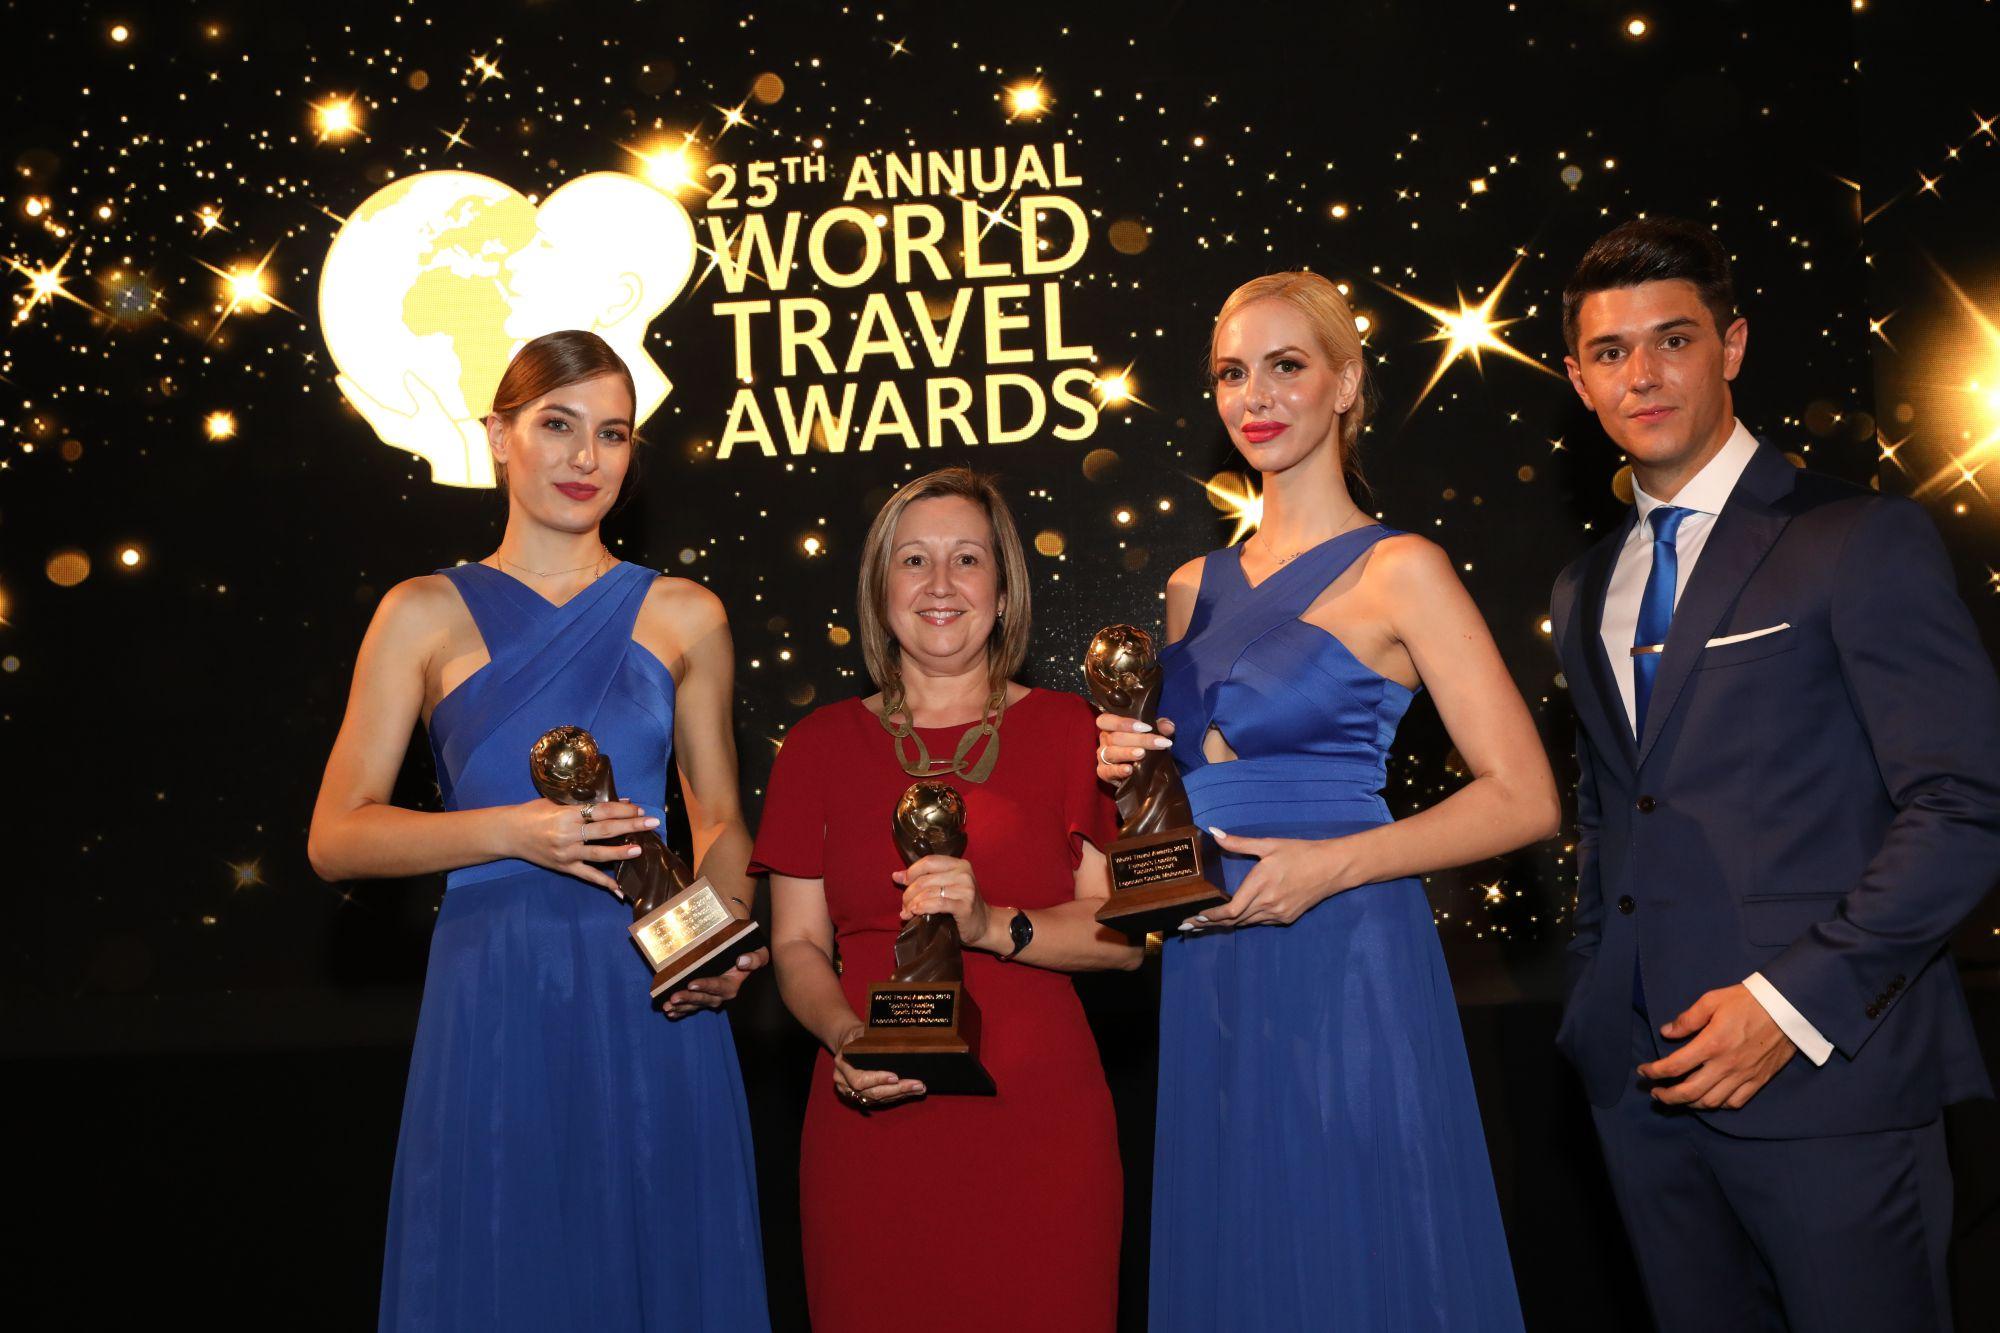 La directora del hotel Lopesan Villa del Conde, Mapi Orihuela, en representacio?n de l Grupo, sujeta los galardones recibidos en la gala